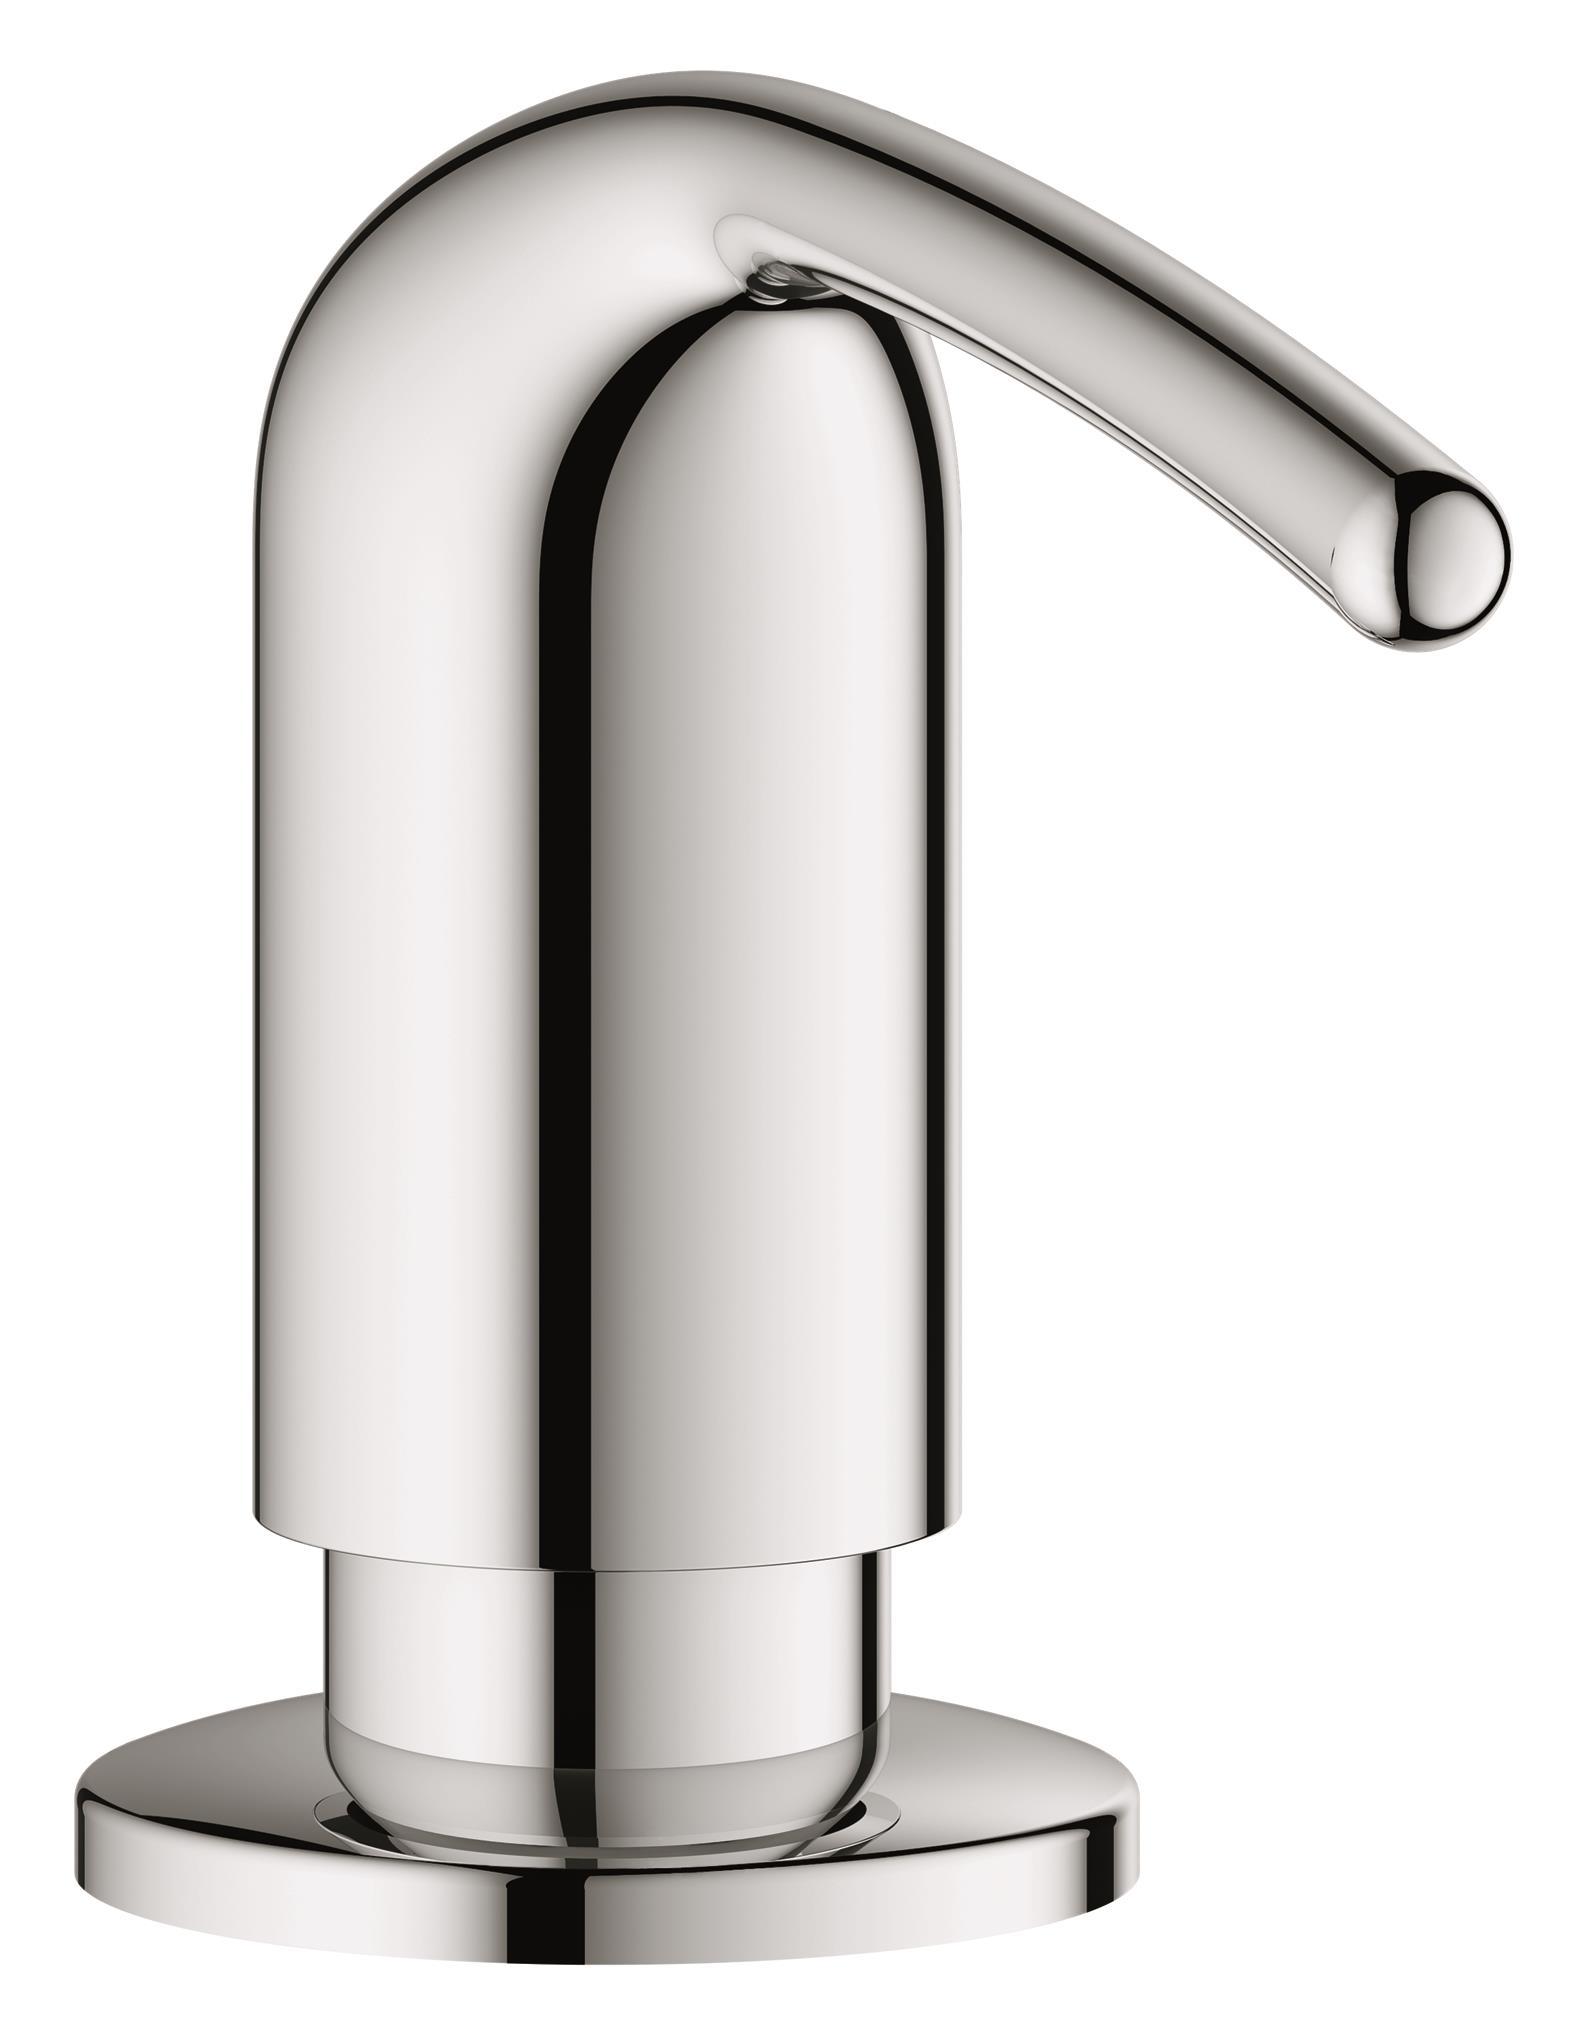 Дозатор для жидкого мыла Grohe Zedra, встраиваемый в столешницу, 400 мл10503Дозатор для жидкого мыла Grohe Zedra идеален для современных ванных комнат, его геометрические формы и чистые линии играют ключевую роль. В серии Zedra вы сможете найти несколько смесителей для ванной и кухни, но также вы сможете найти много аксессуаров, которые смогут внести последний штрих в дизайн ванной.